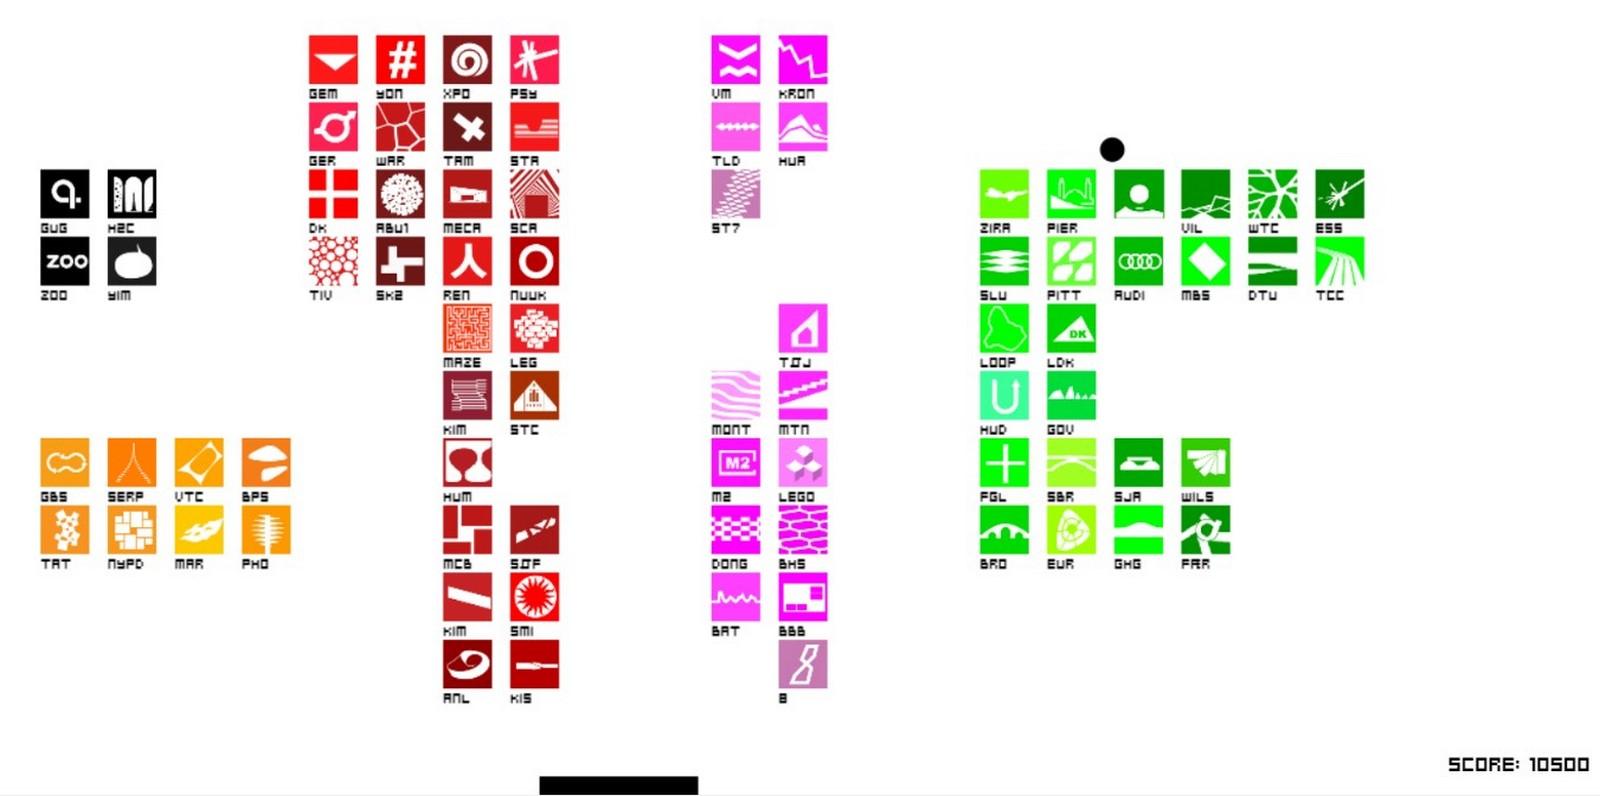 Bjarke Ingels Group - Sheet2